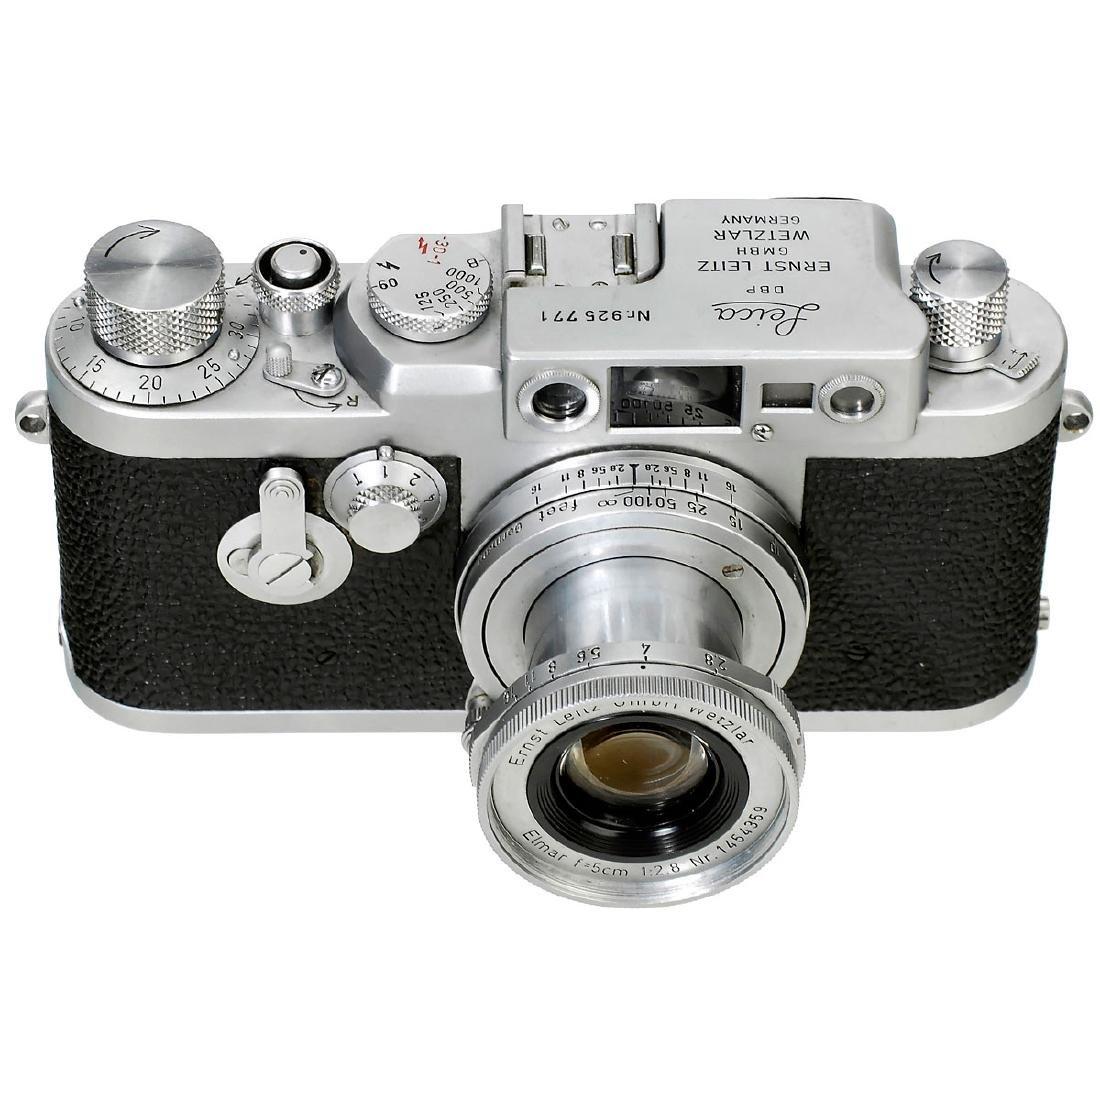 Leica IIIg with Elmar 2,8/5 cm, 1958